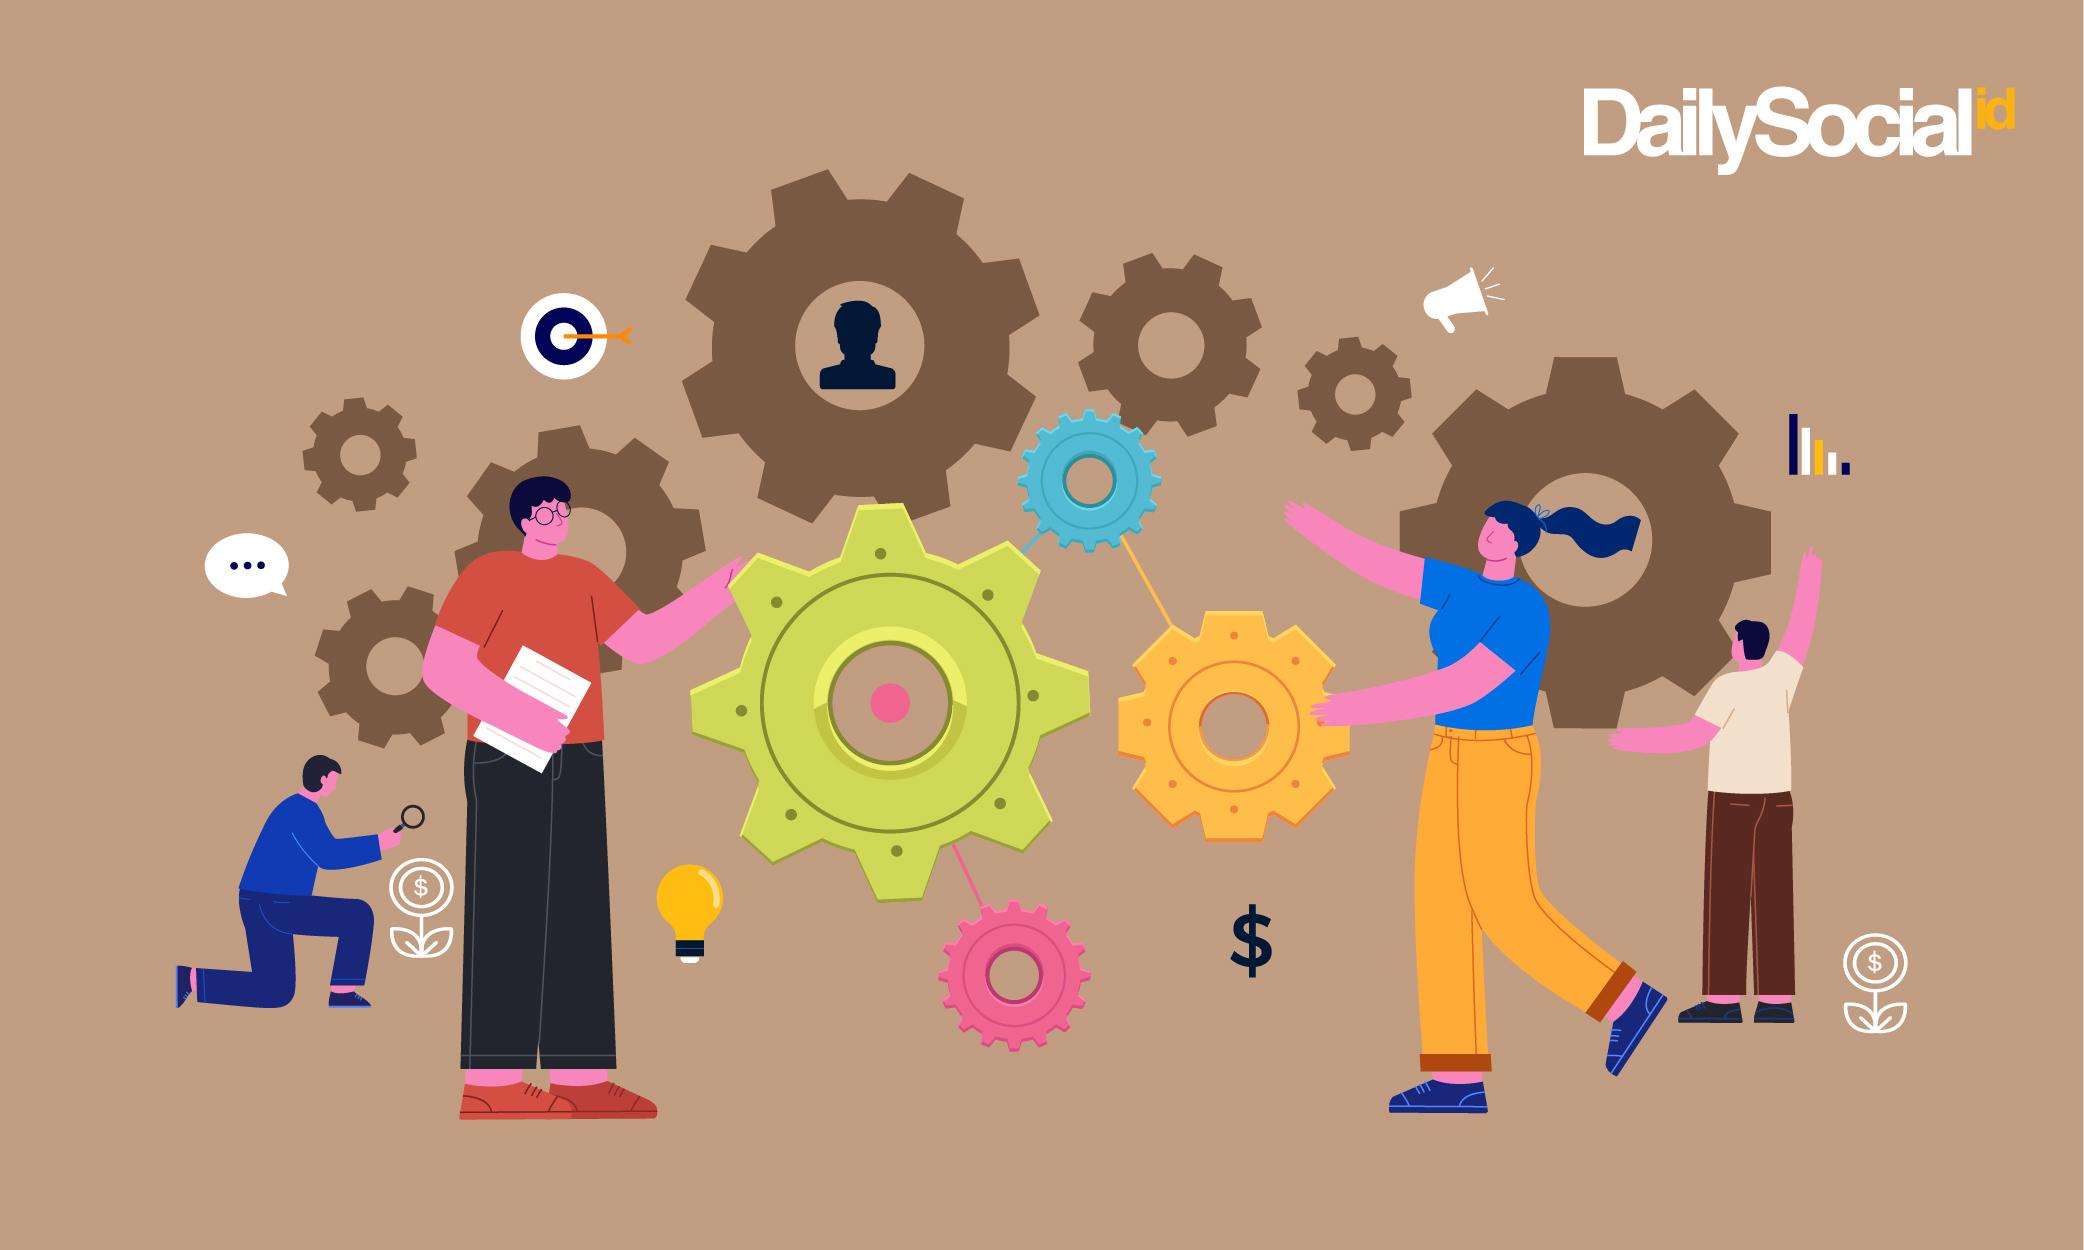 Menerjemahkan istilah-istilah teknis berkaitan dengan startup digital